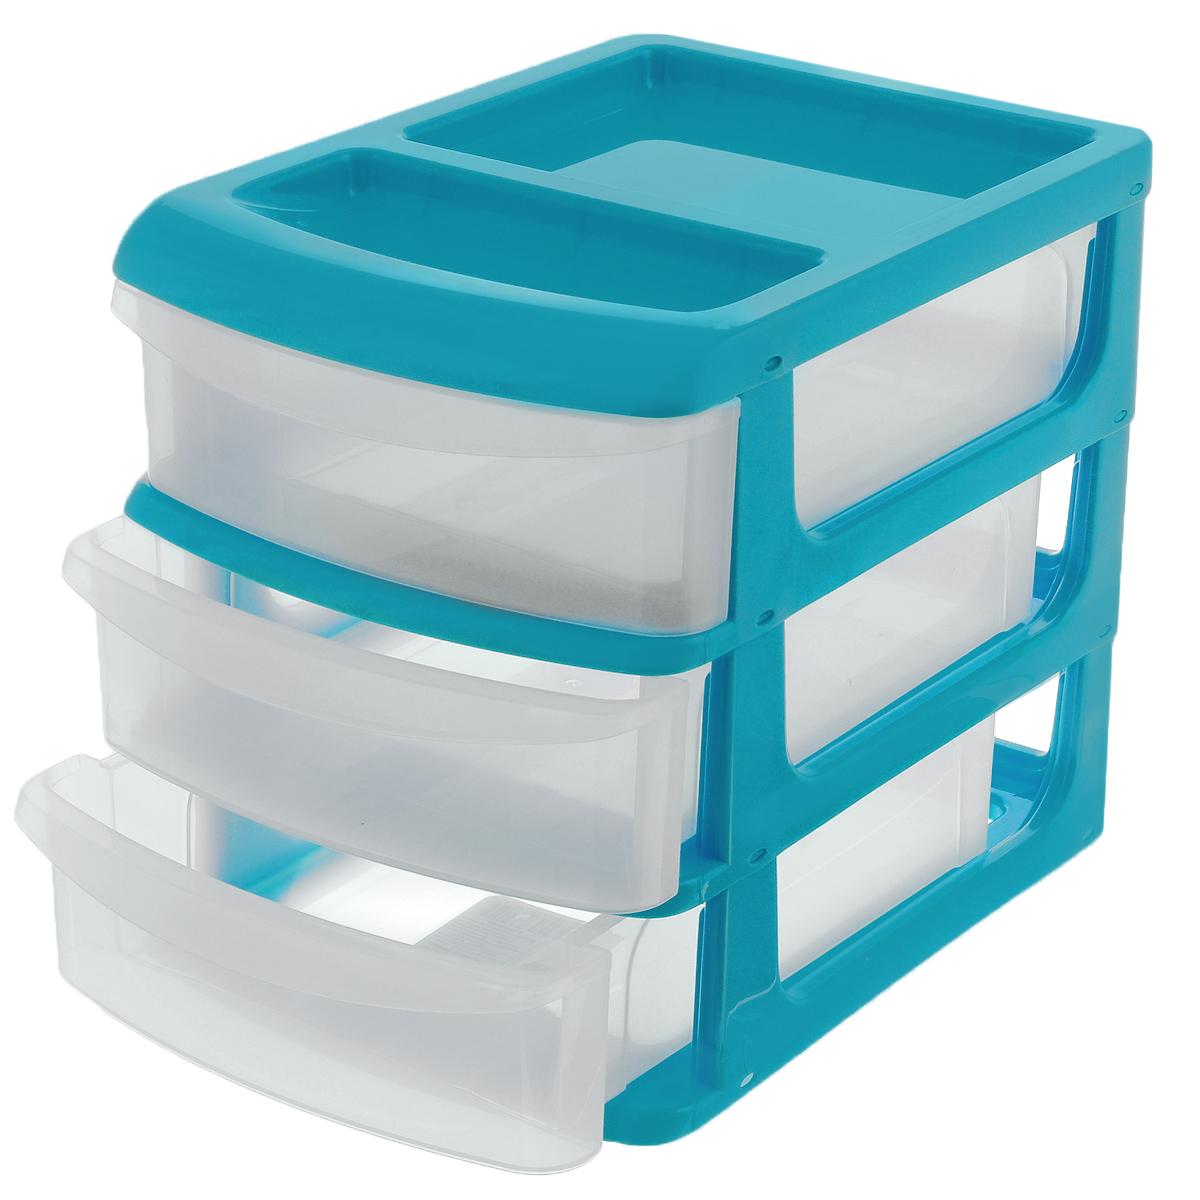 Бокс универсальный Idea, 3 секции, цвет: бирюзовый, 14,5 см х 17 см х 20 смМ 2763Универсальный бокс Idea выполнен из высококачественного пластика и имеет три удобные выдвижные секции. Бокс предназначен для хранения предметов шитья, рукоделия, хобби и всех необходимых мелочей. Изделие позволит компактно хранить вещи, поддерживая порядок и уют в вашем доме. Размер бокса: 14,5 см х 17 см х 20 см. Внутренний размер секции: 14 см х 18,5 см х 5 см.